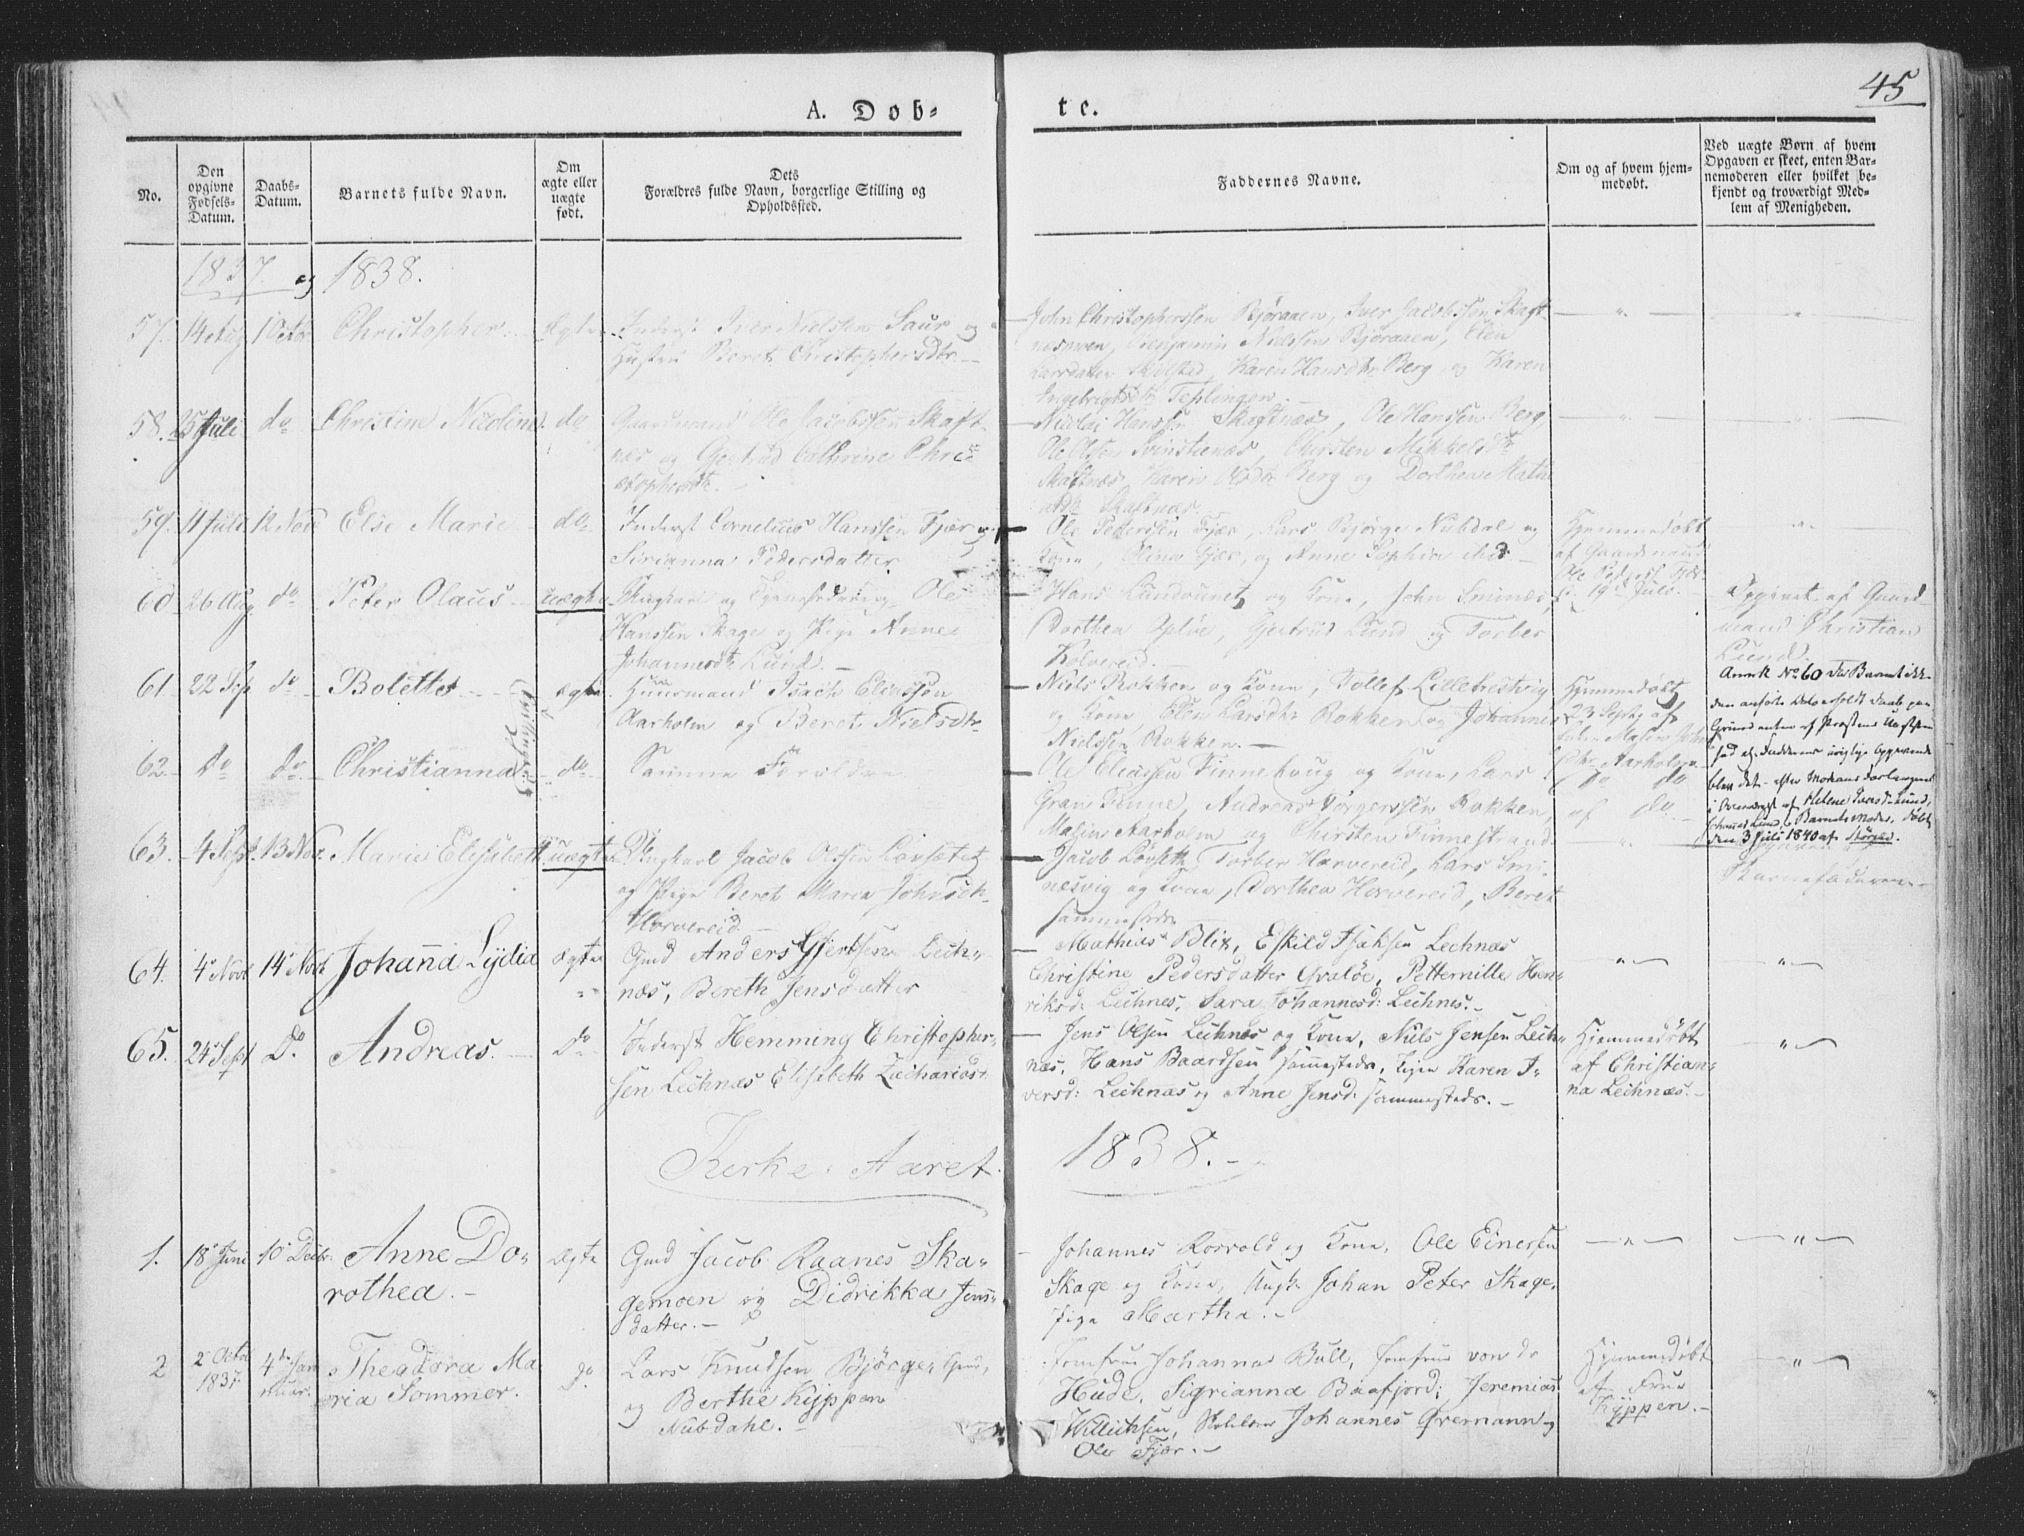 SAT, Ministerialprotokoller, klokkerbøker og fødselsregistre - Nord-Trøndelag, 780/L0639: Ministerialbok nr. 780A04, 1830-1844, s. 45